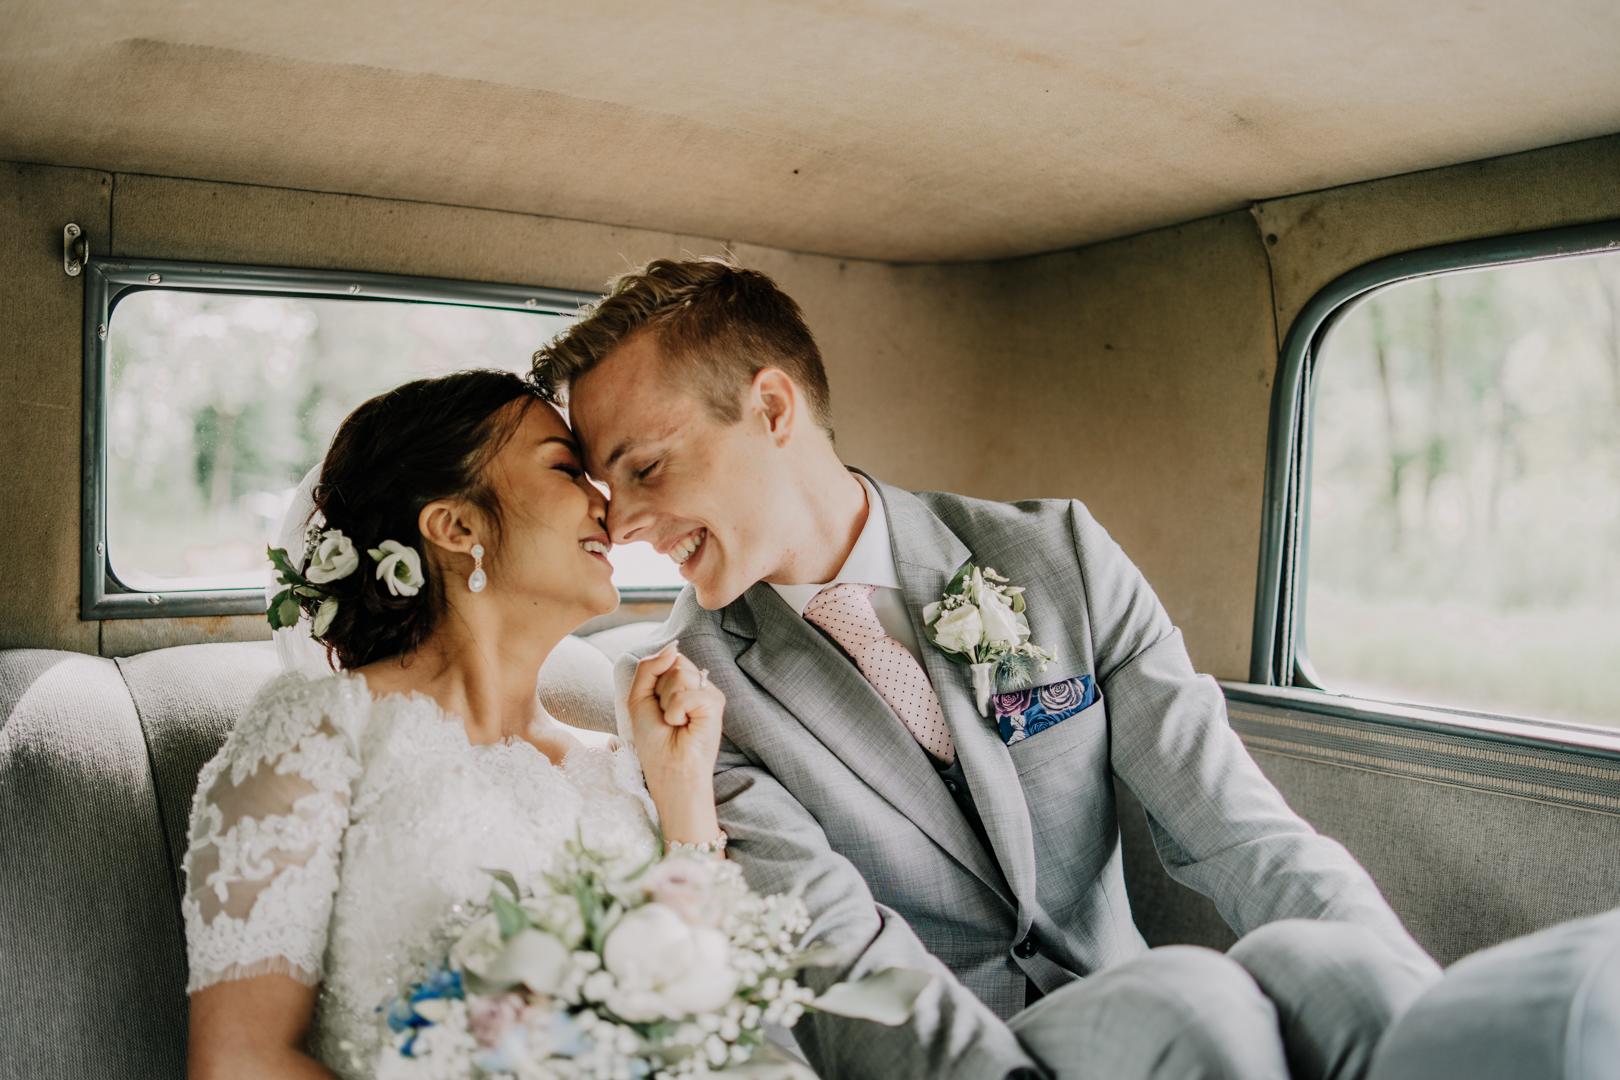 bröllopsportfolio - Skall du gifta dig? Får jag vara med? Jag älskar att fånga kärlek, skratt och tårar på bild.